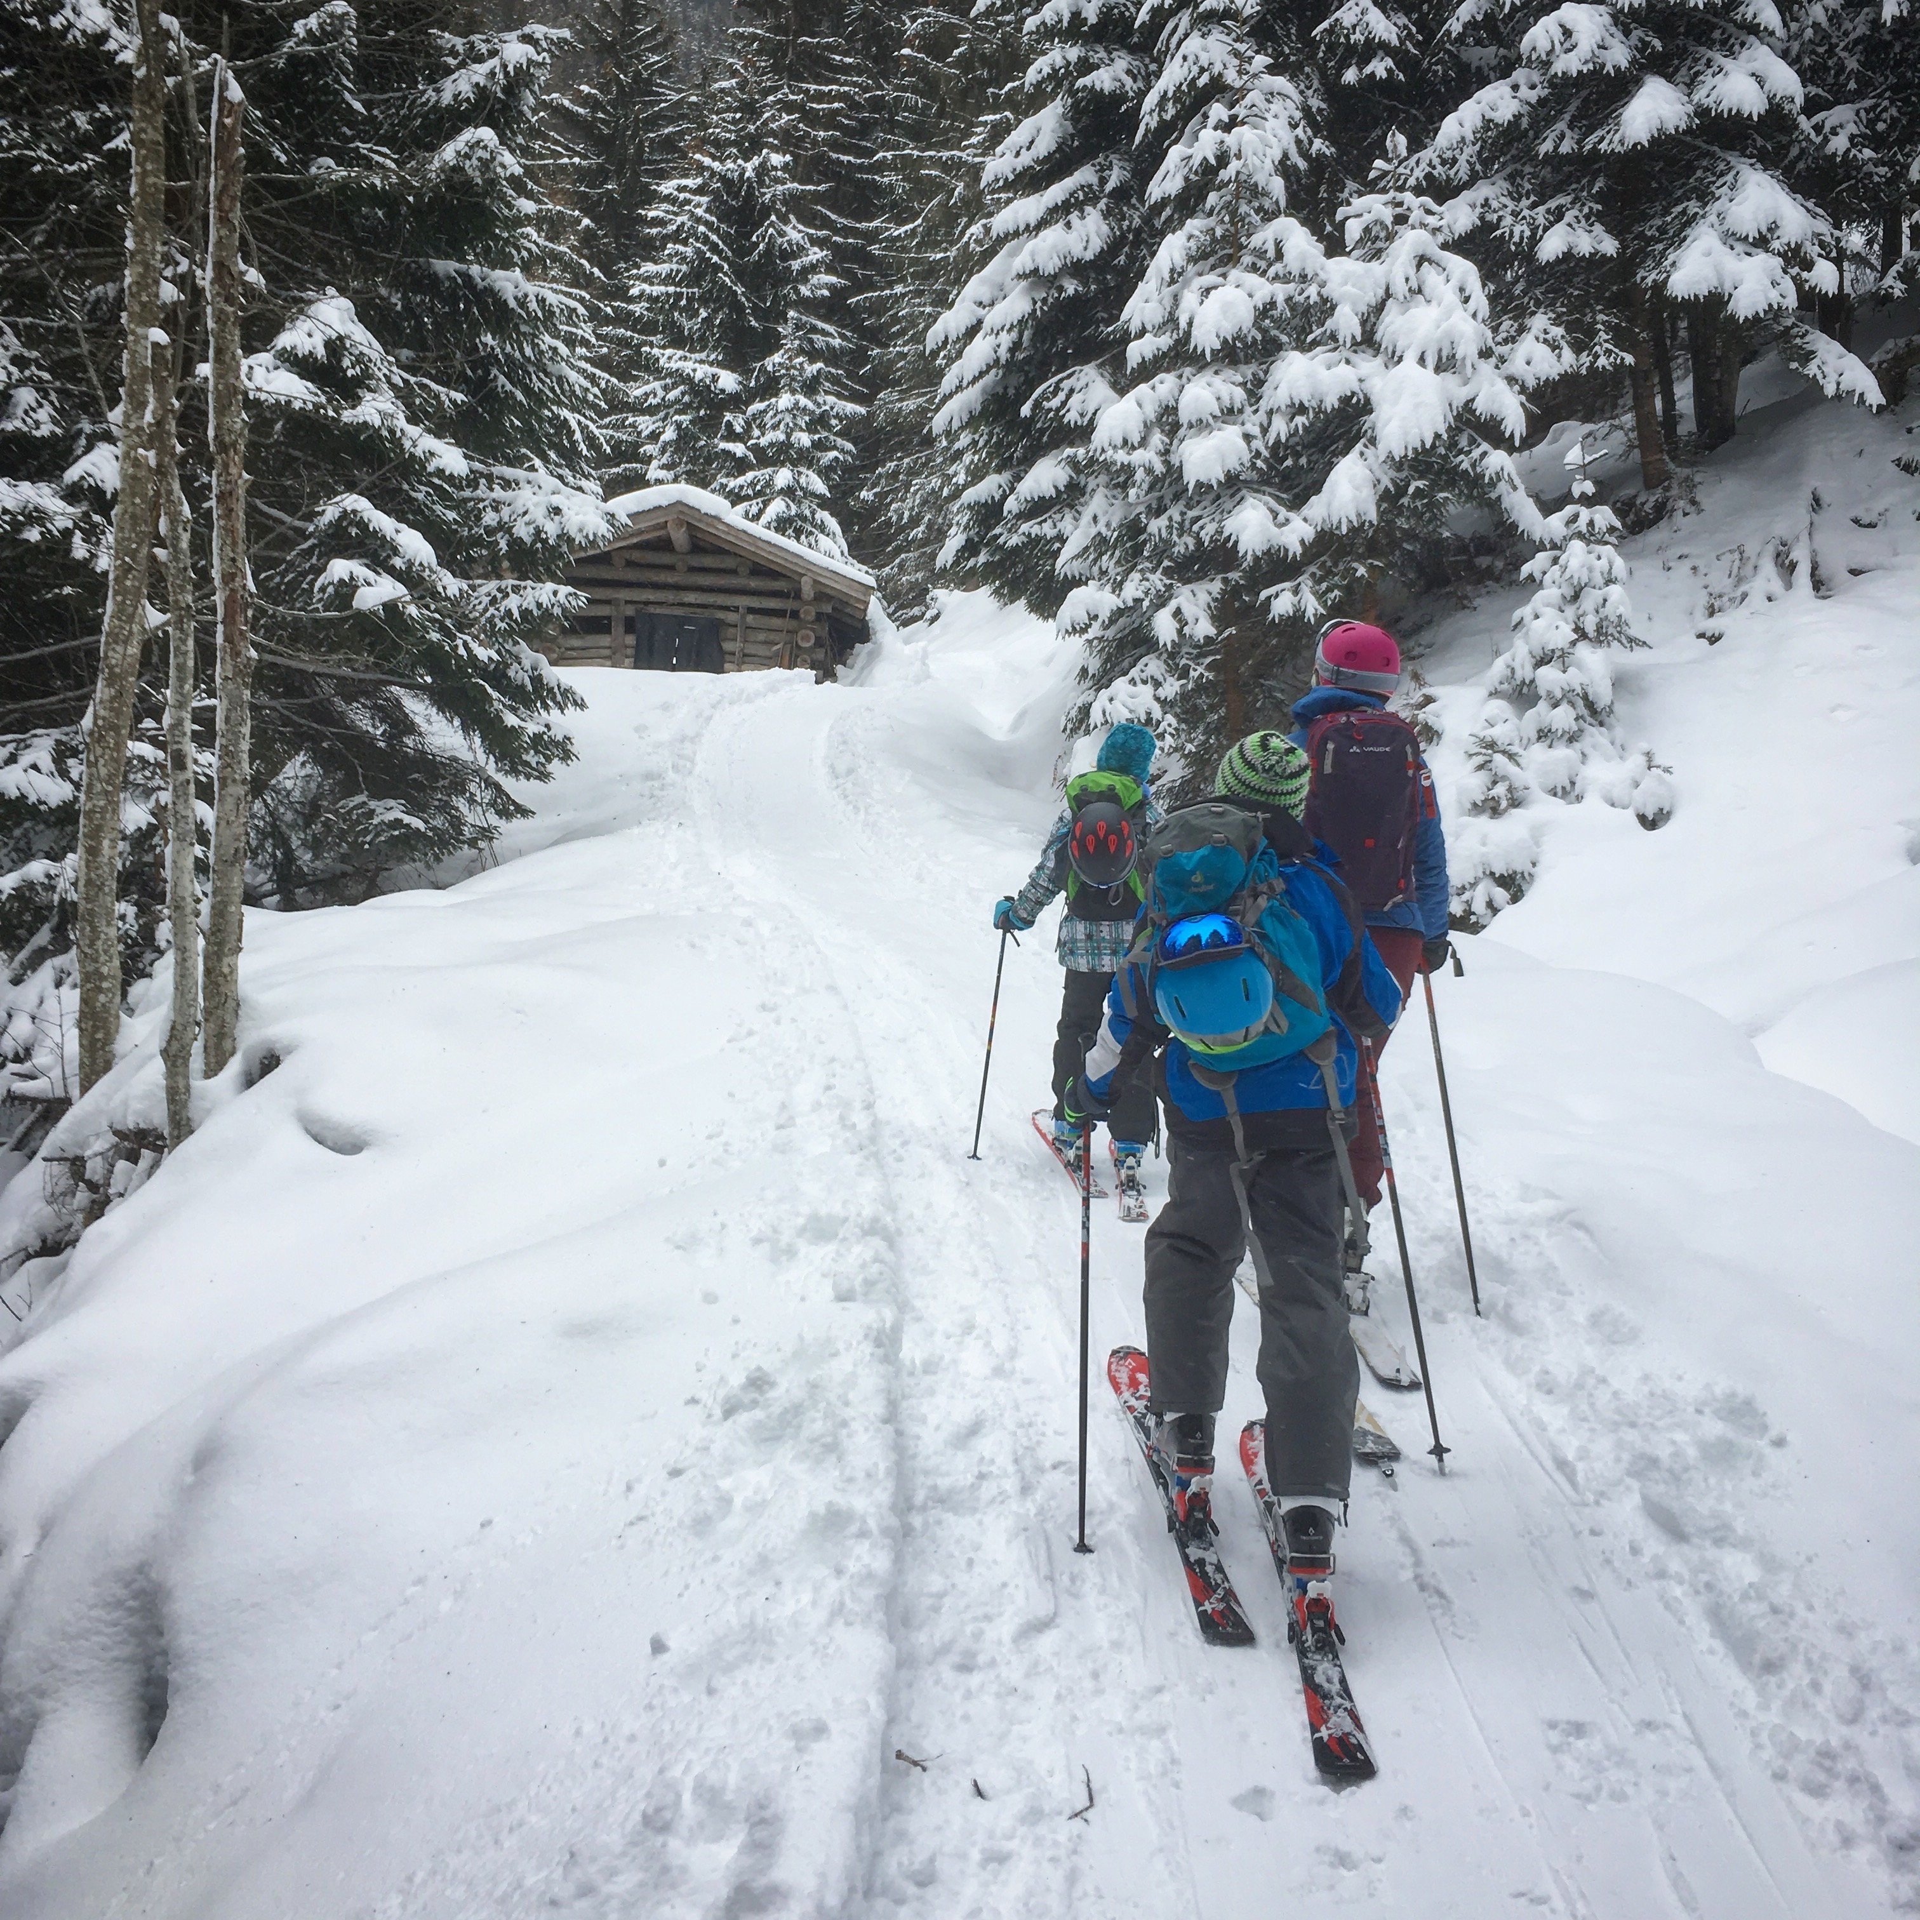 Auf Skitour mit Kindern: Durch den Wald ist spannender auf der Piste